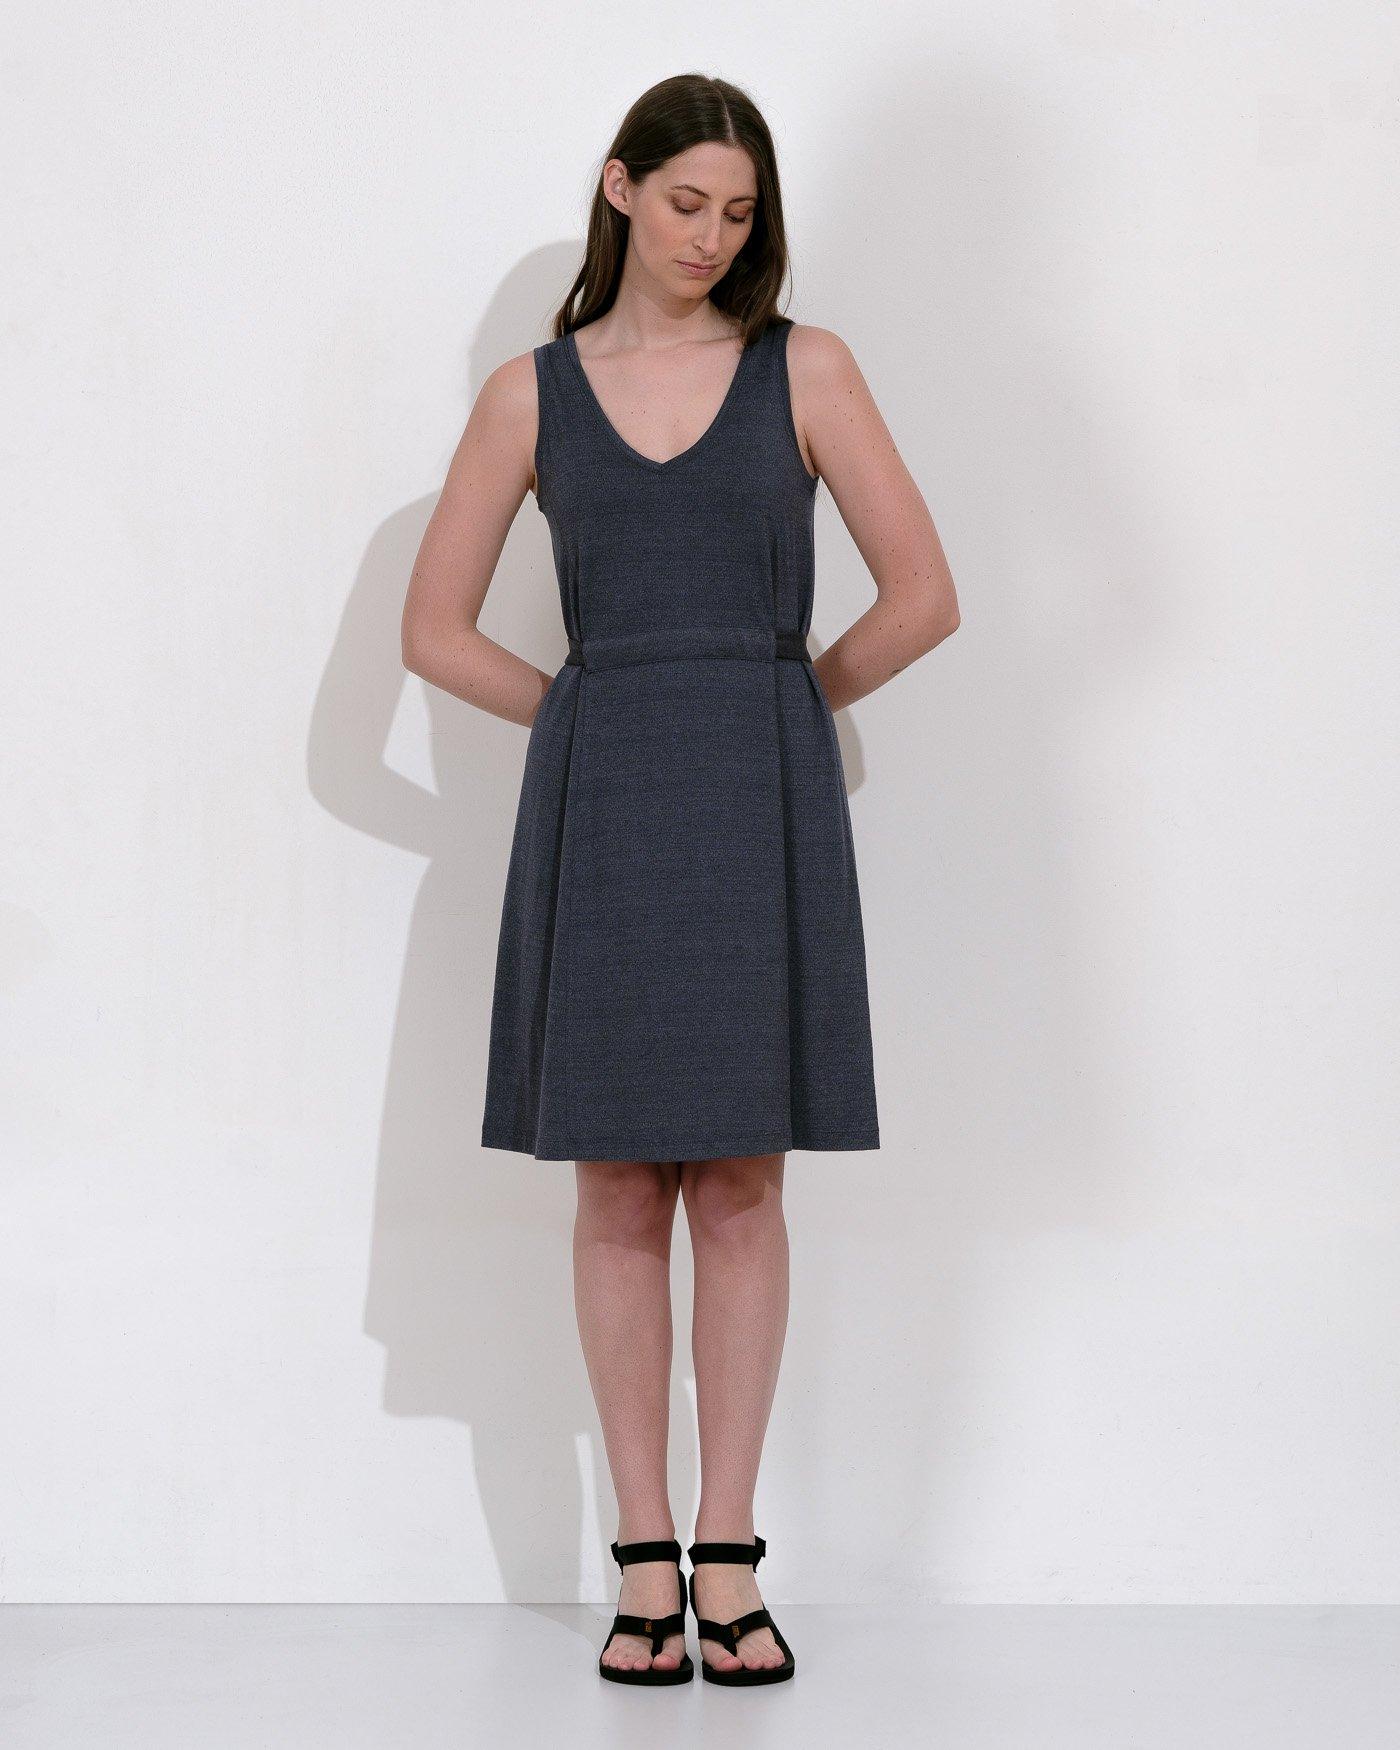 DSCF7255-Edit_avery-tank-dress-steel-blue_1400x.jpg